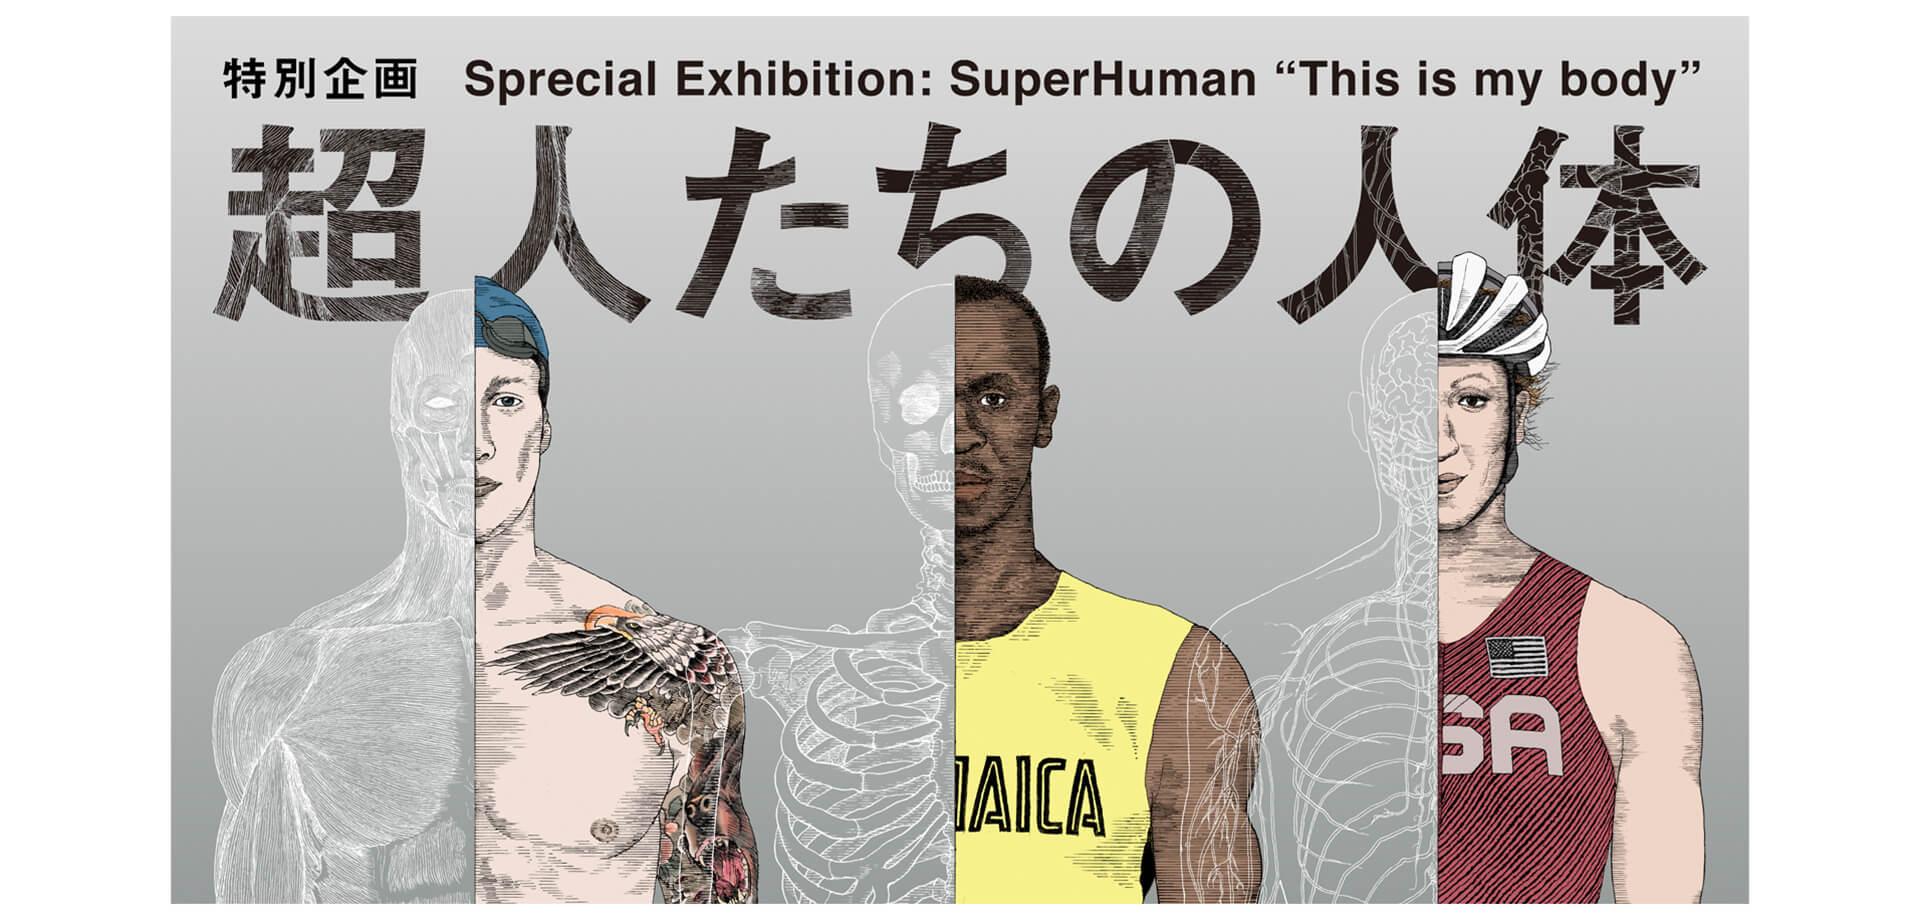 日本科学未来館「超人たちの人体」